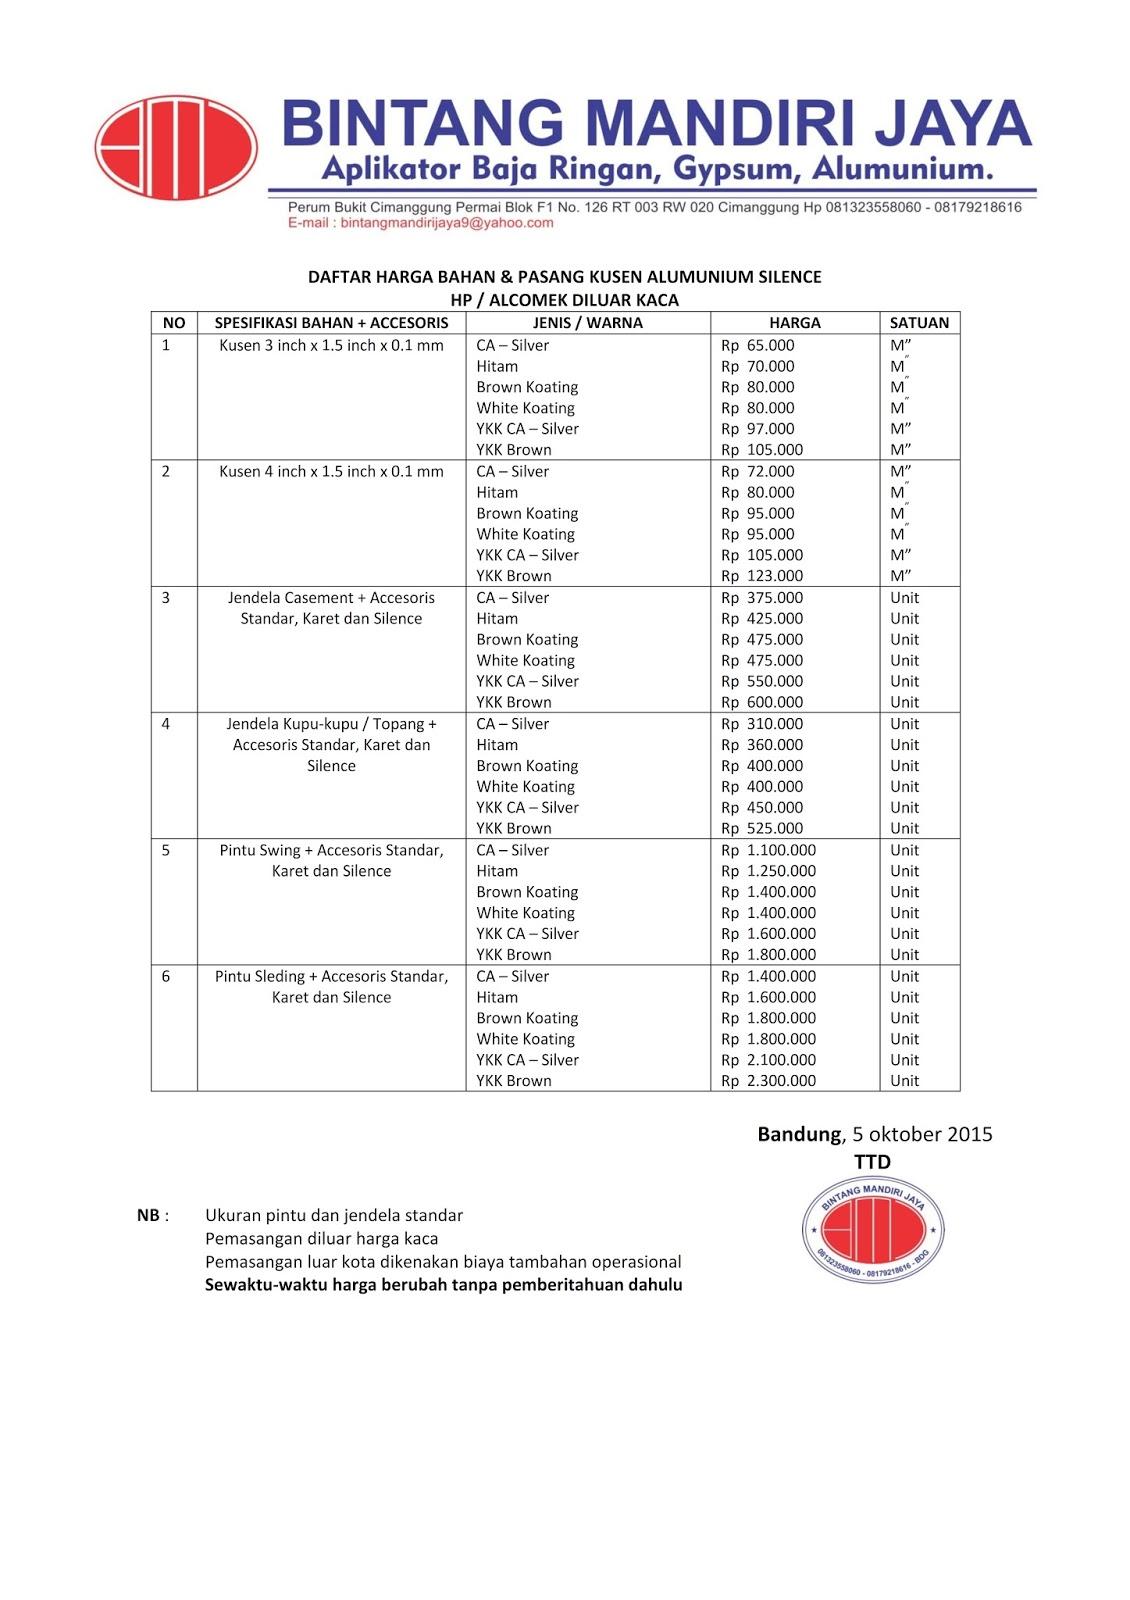 Harga Bahan Baja Ringan Bandung Cv Bintang Mandiri Jaya 2015